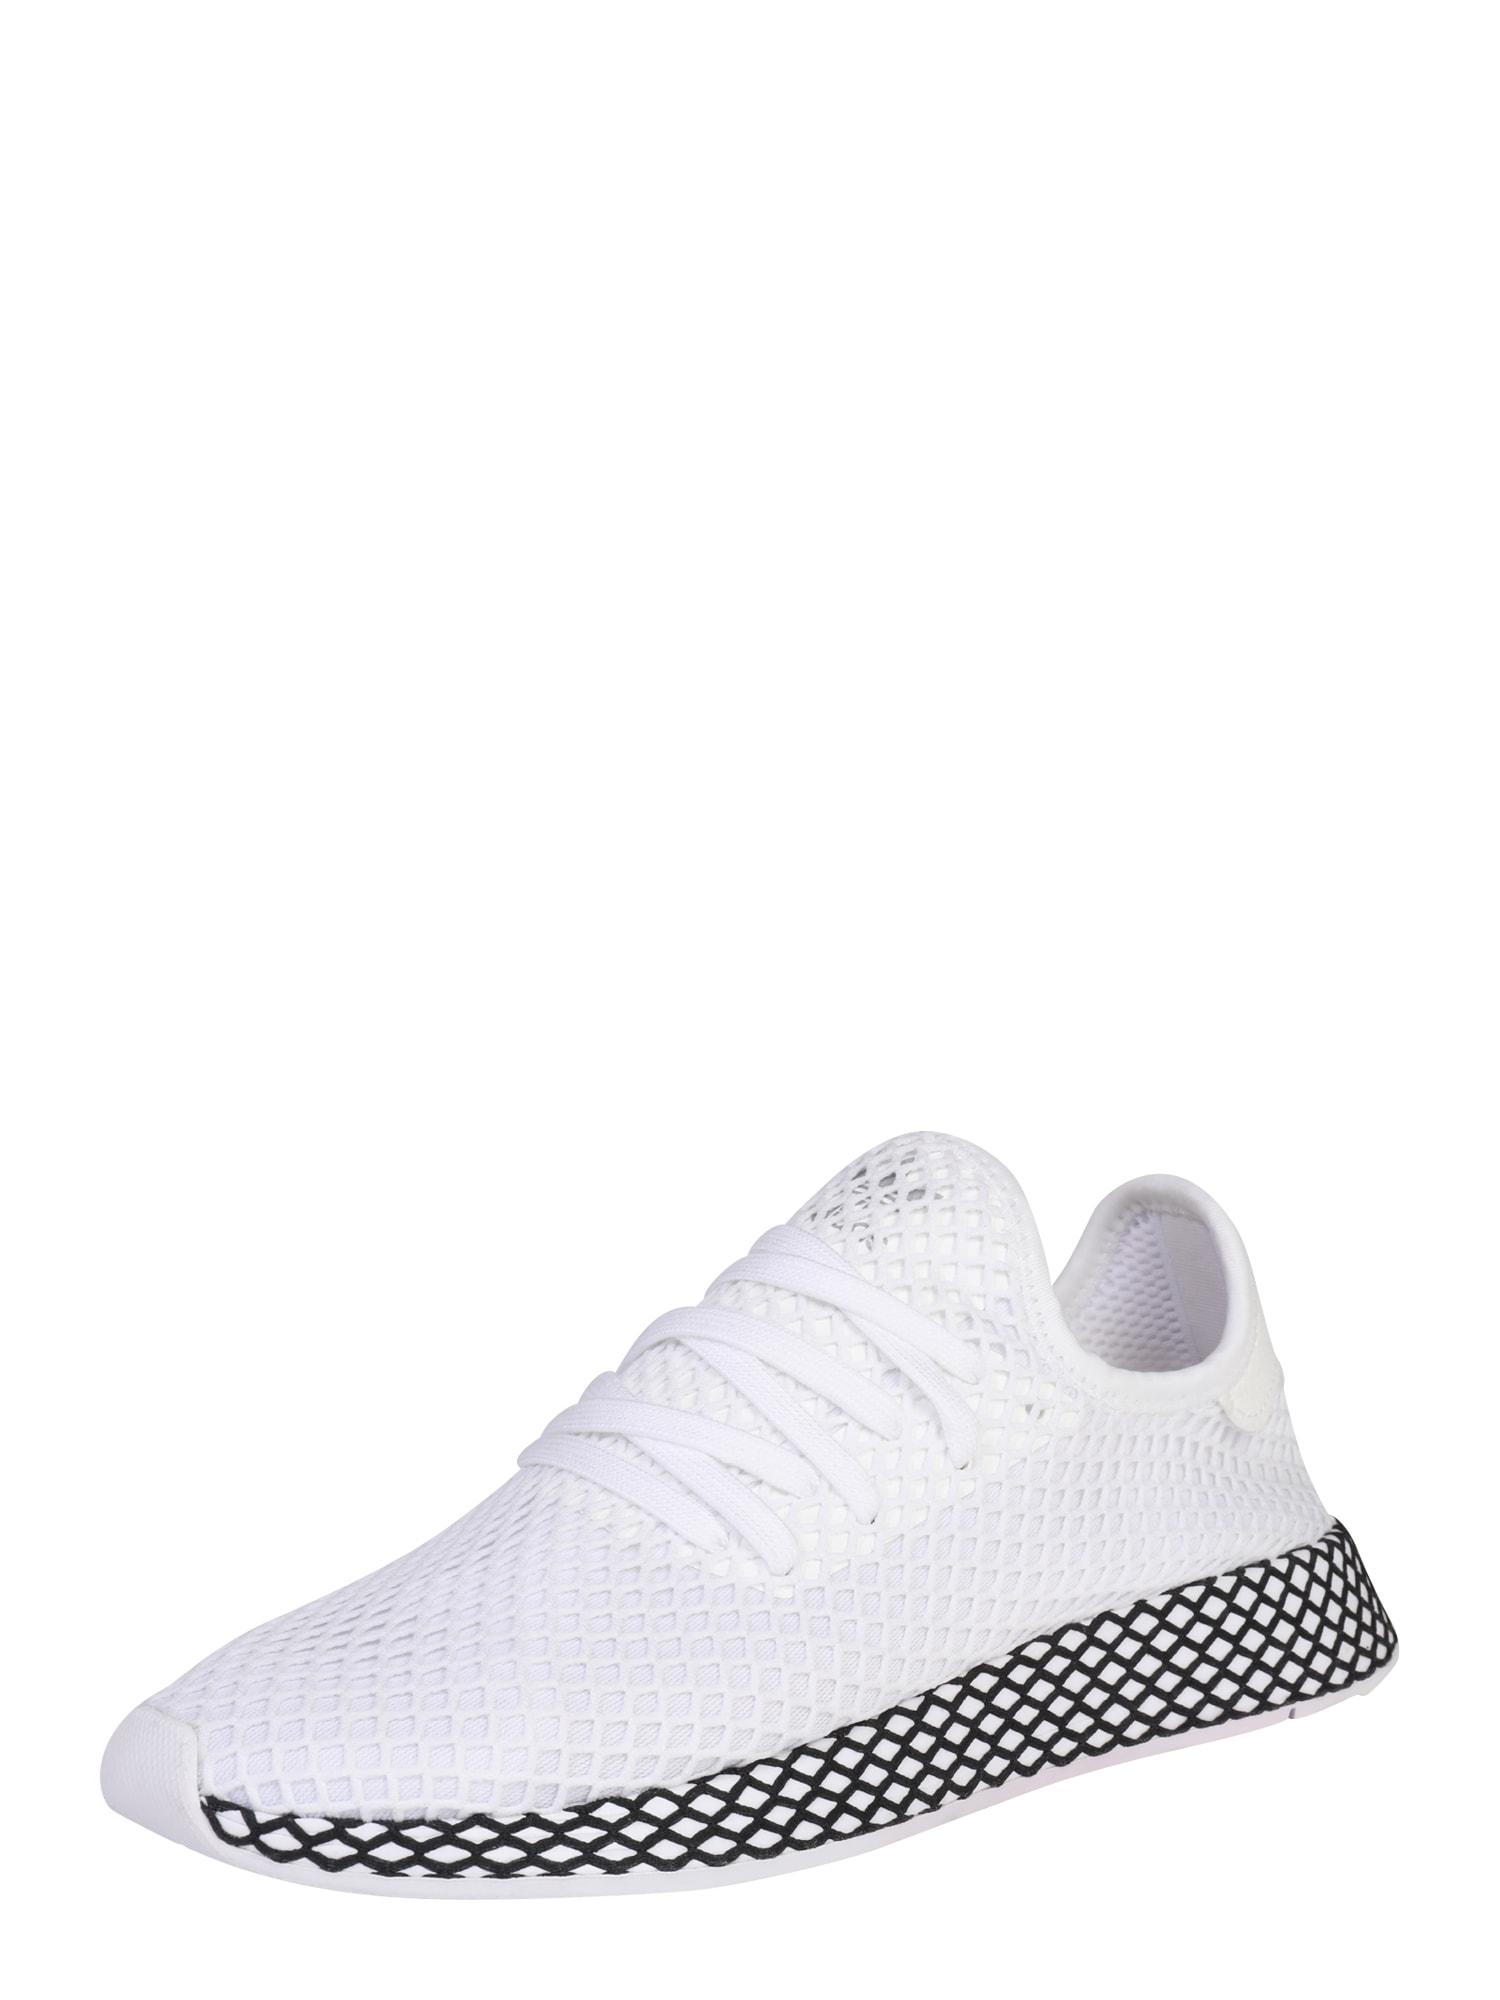 ADIDAS ORIGINALS, Heren Sneakers laag 'DEERUPT RUNNER', zwart / wit